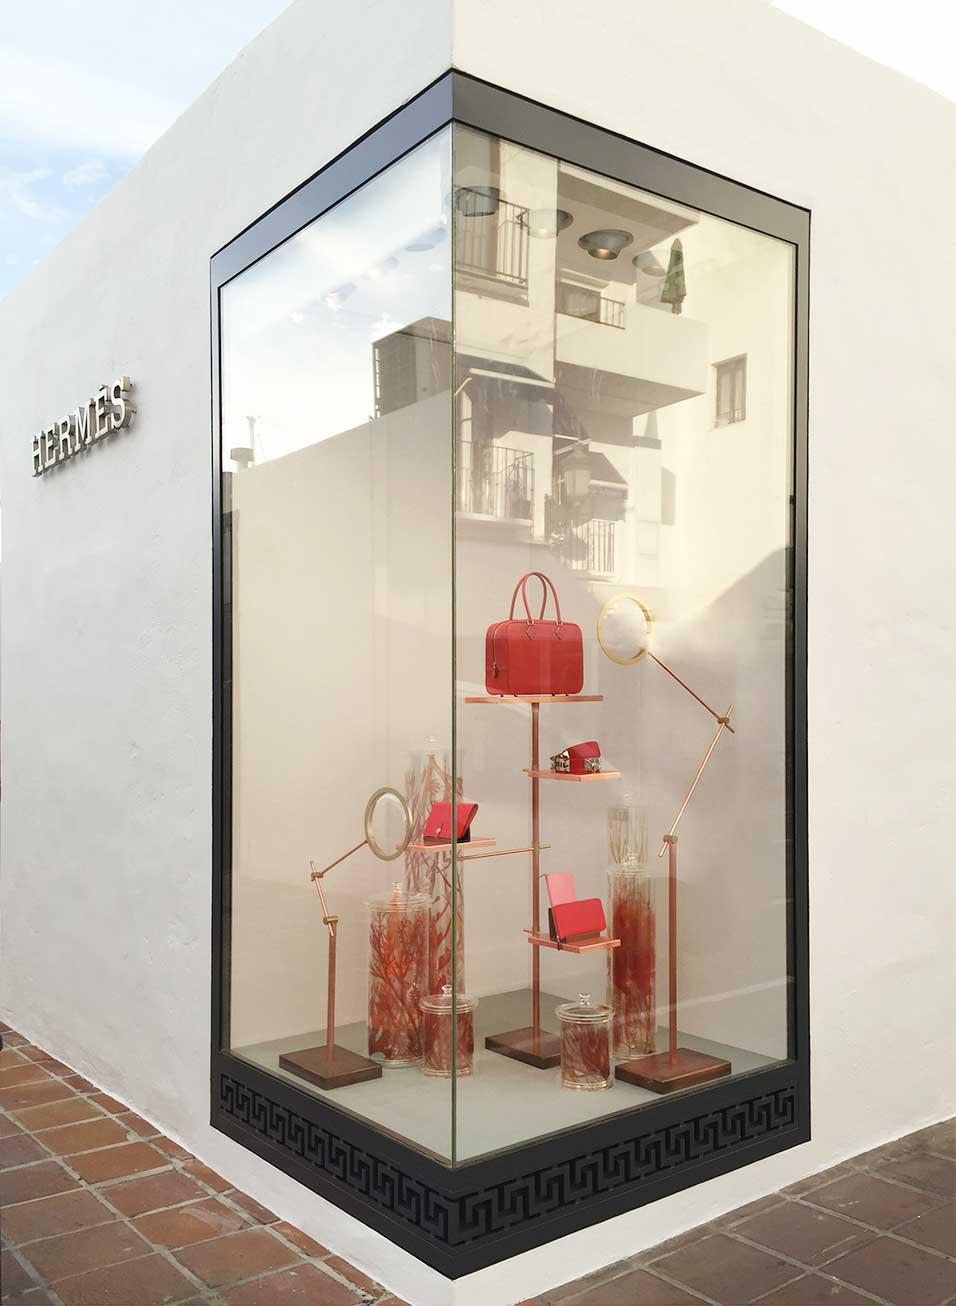 instore-clientes-hermes-decoracion-de-escaparates-retail-store